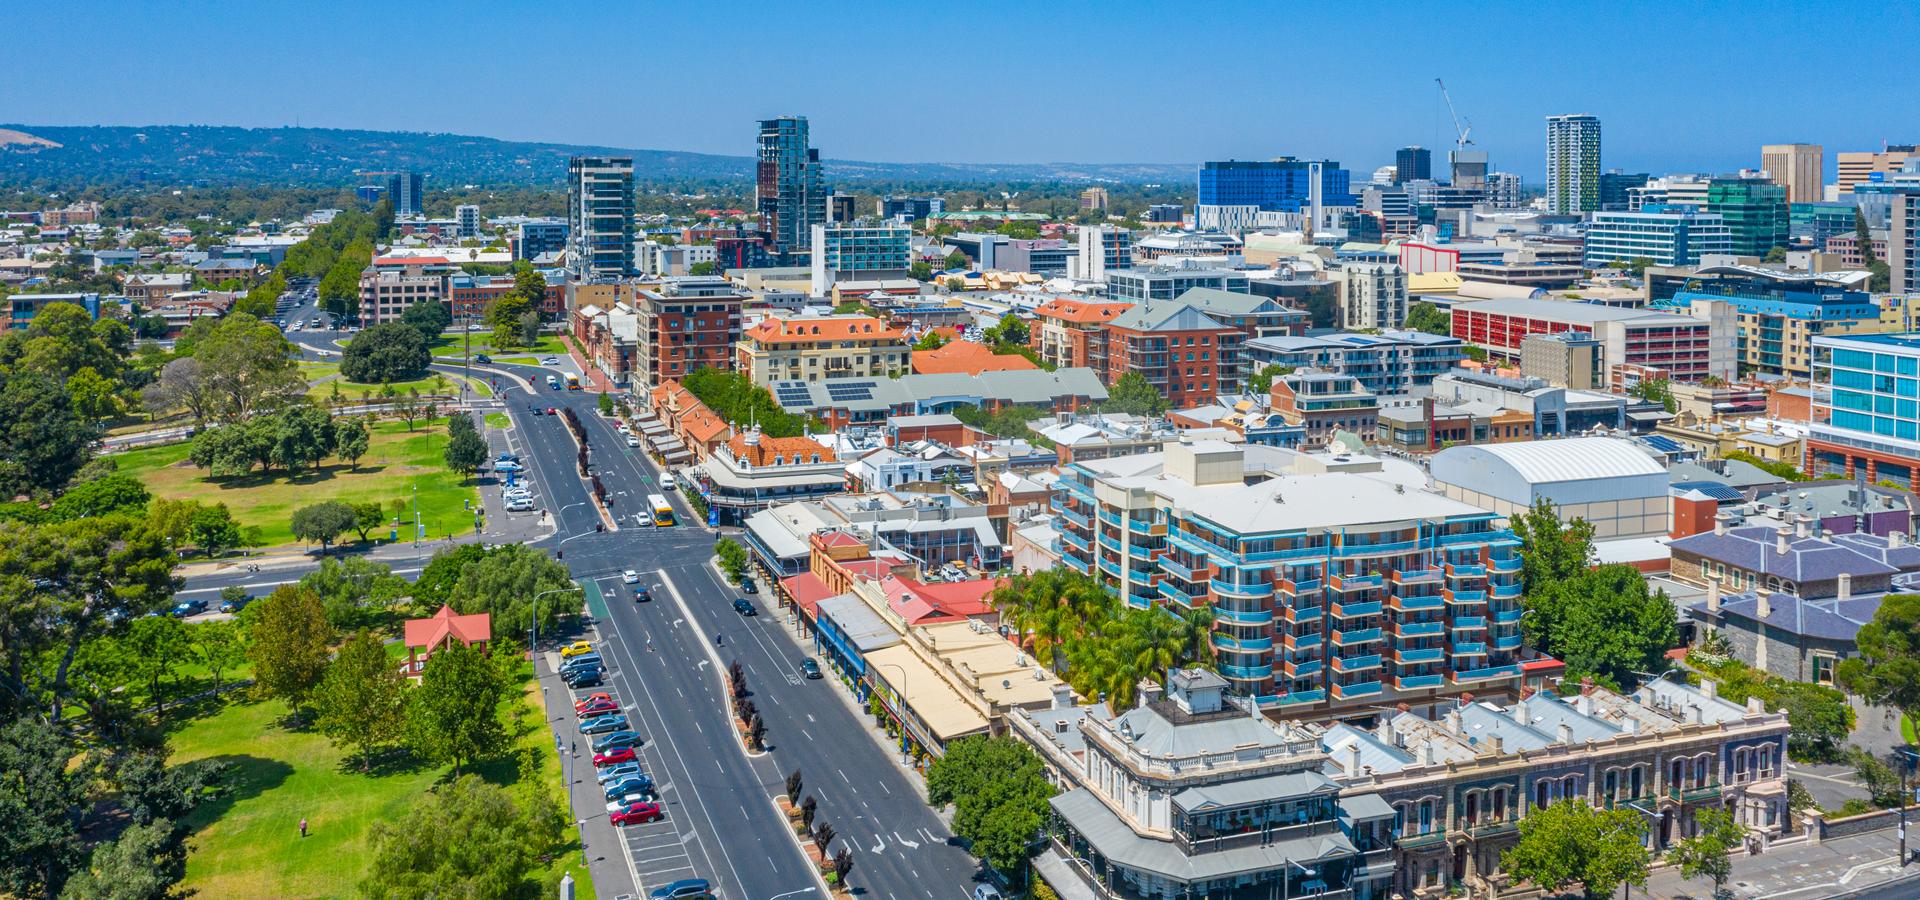 Cheltenham, South Australia, Australia